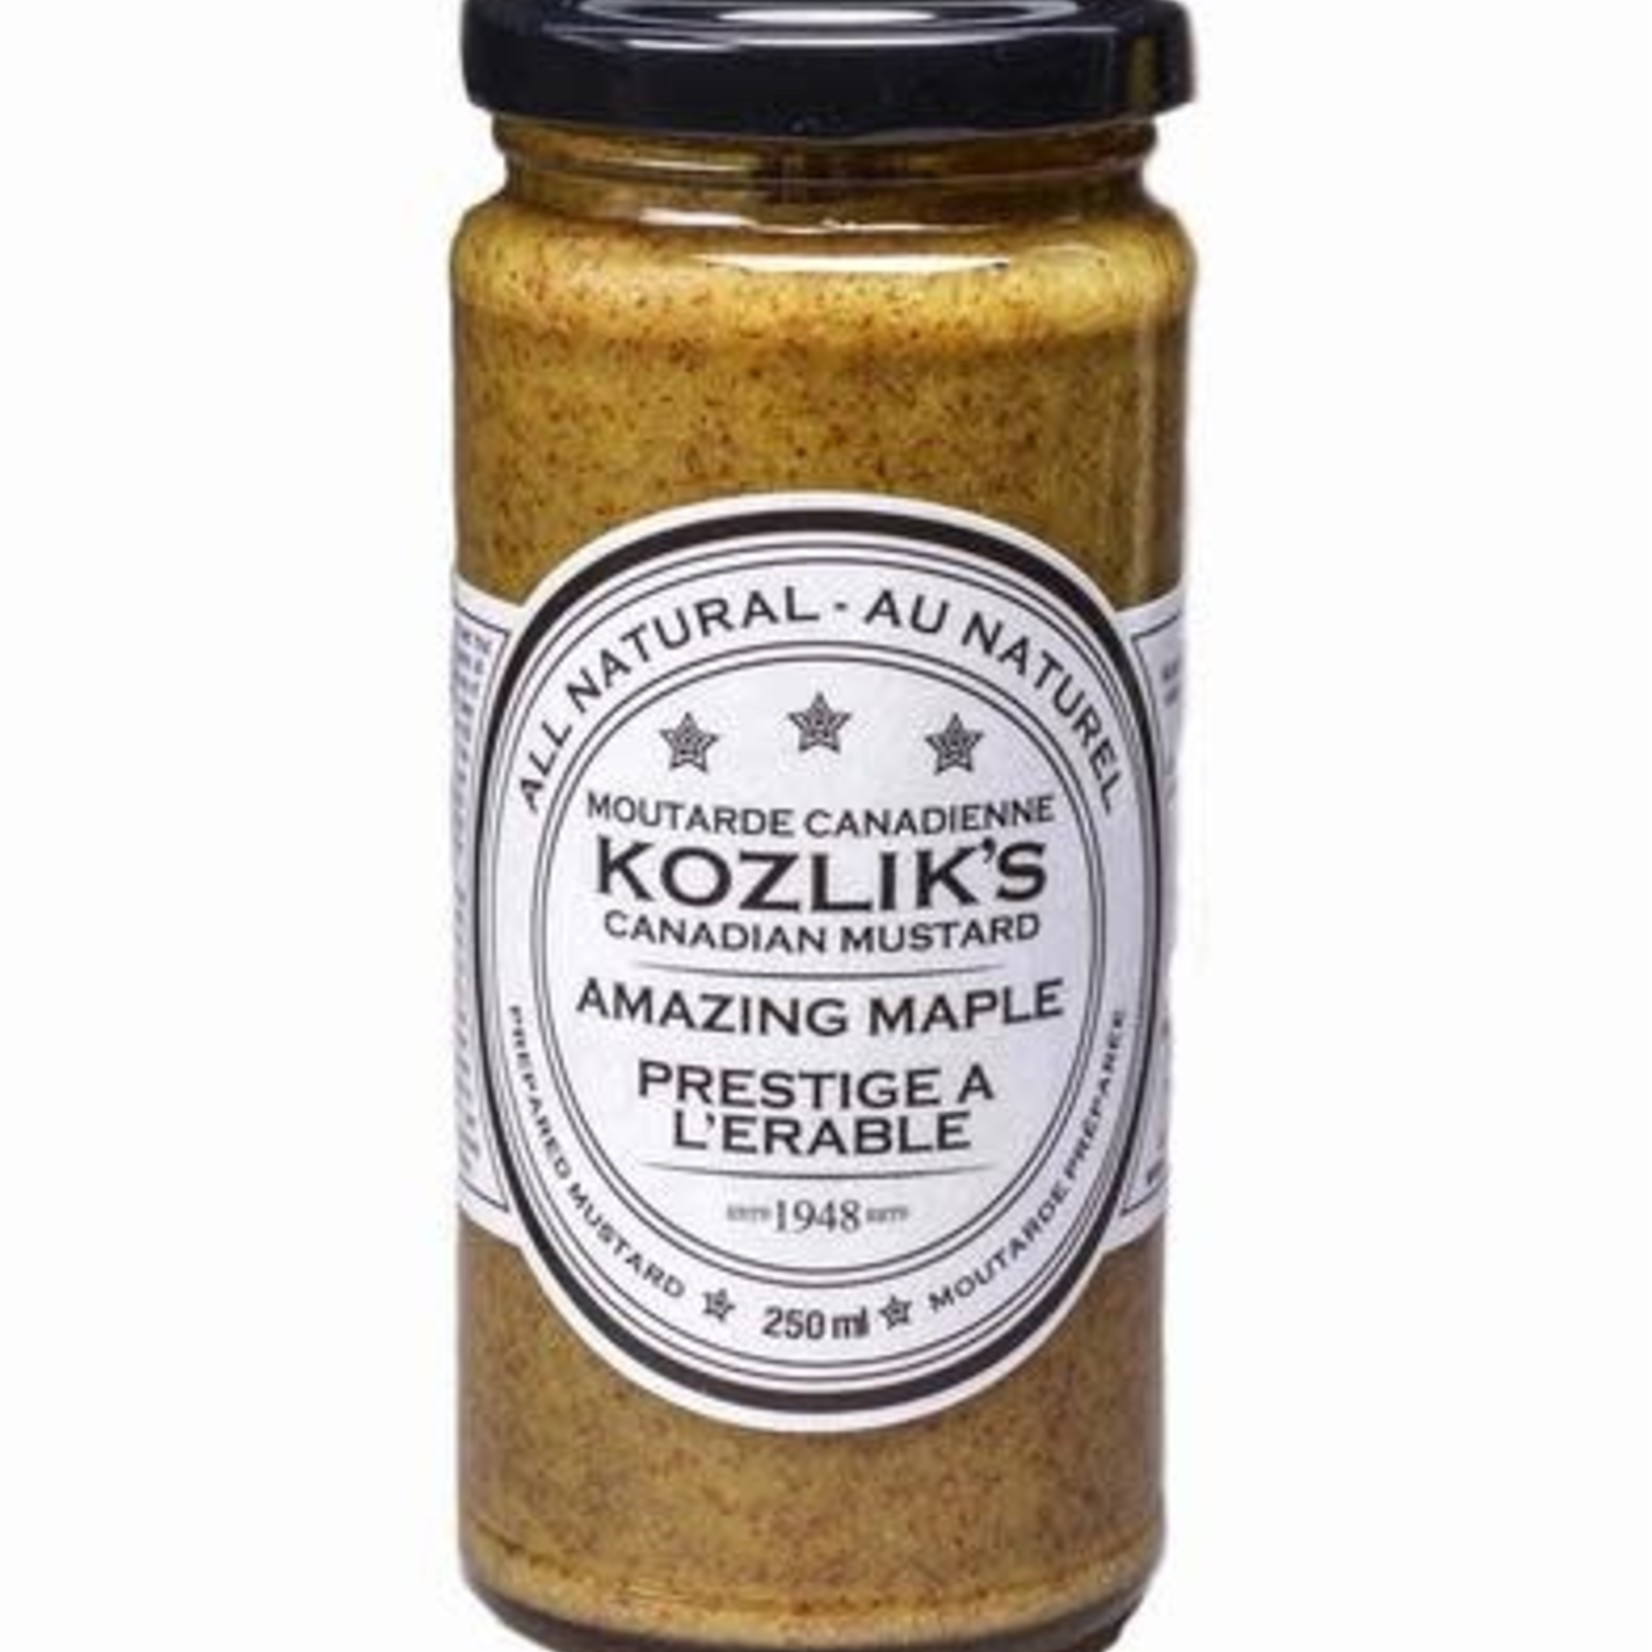 Kozlik's Kozlik's Amazing Maple Mustard 250ml